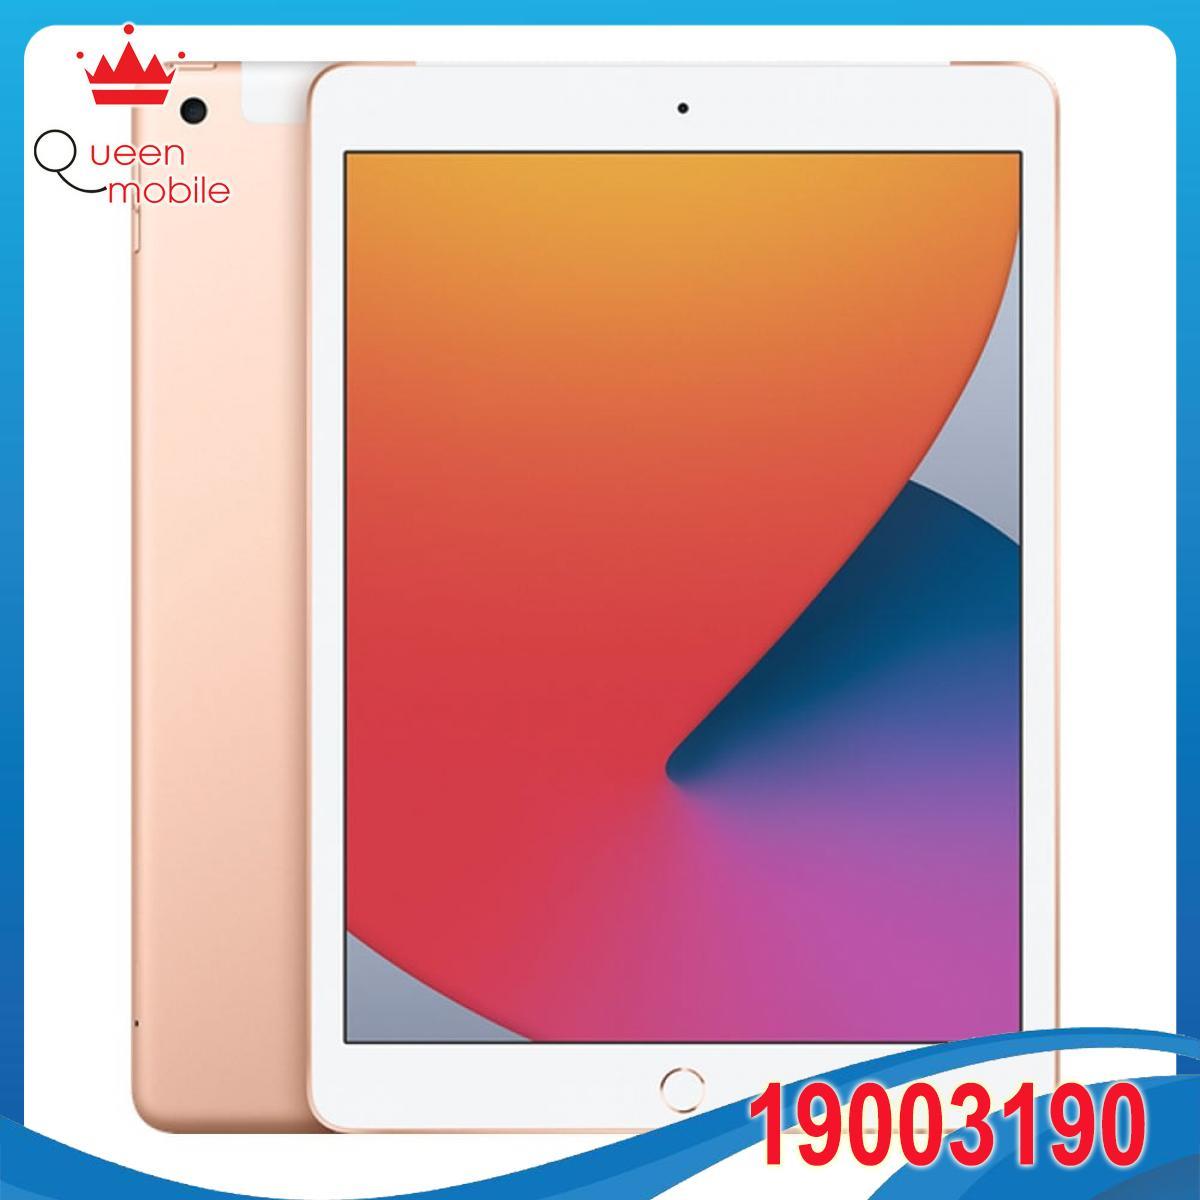 Máy tính bảng iPad Gen 8 32GB WiFi + 4G Gold MYMK2 | Máy tính bảng